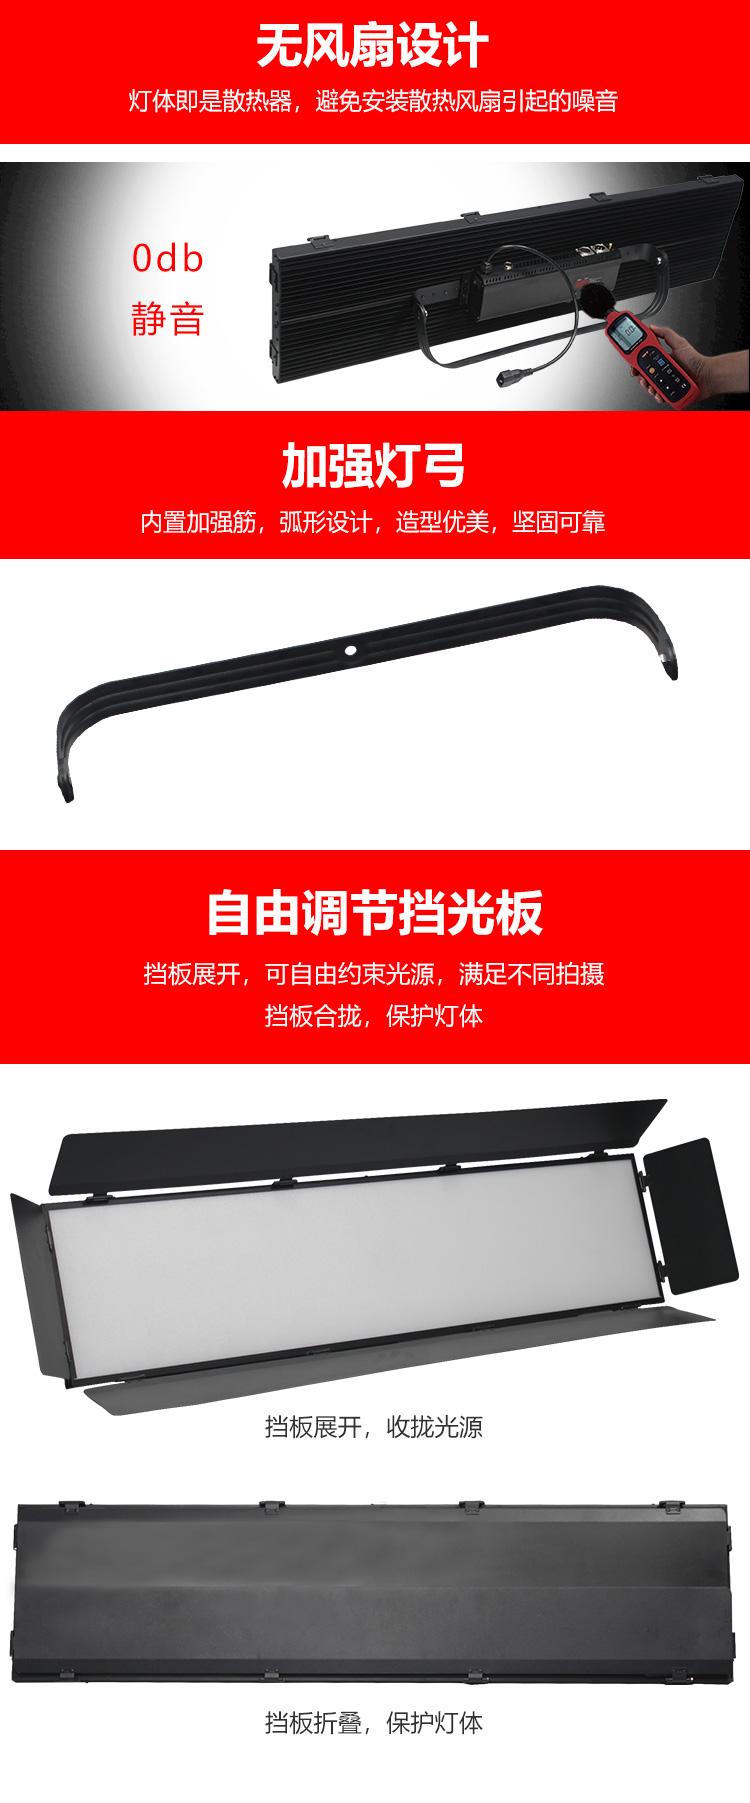 泰阳人 TYR-LED4800 数字遥控led平板柔光灯(图4)